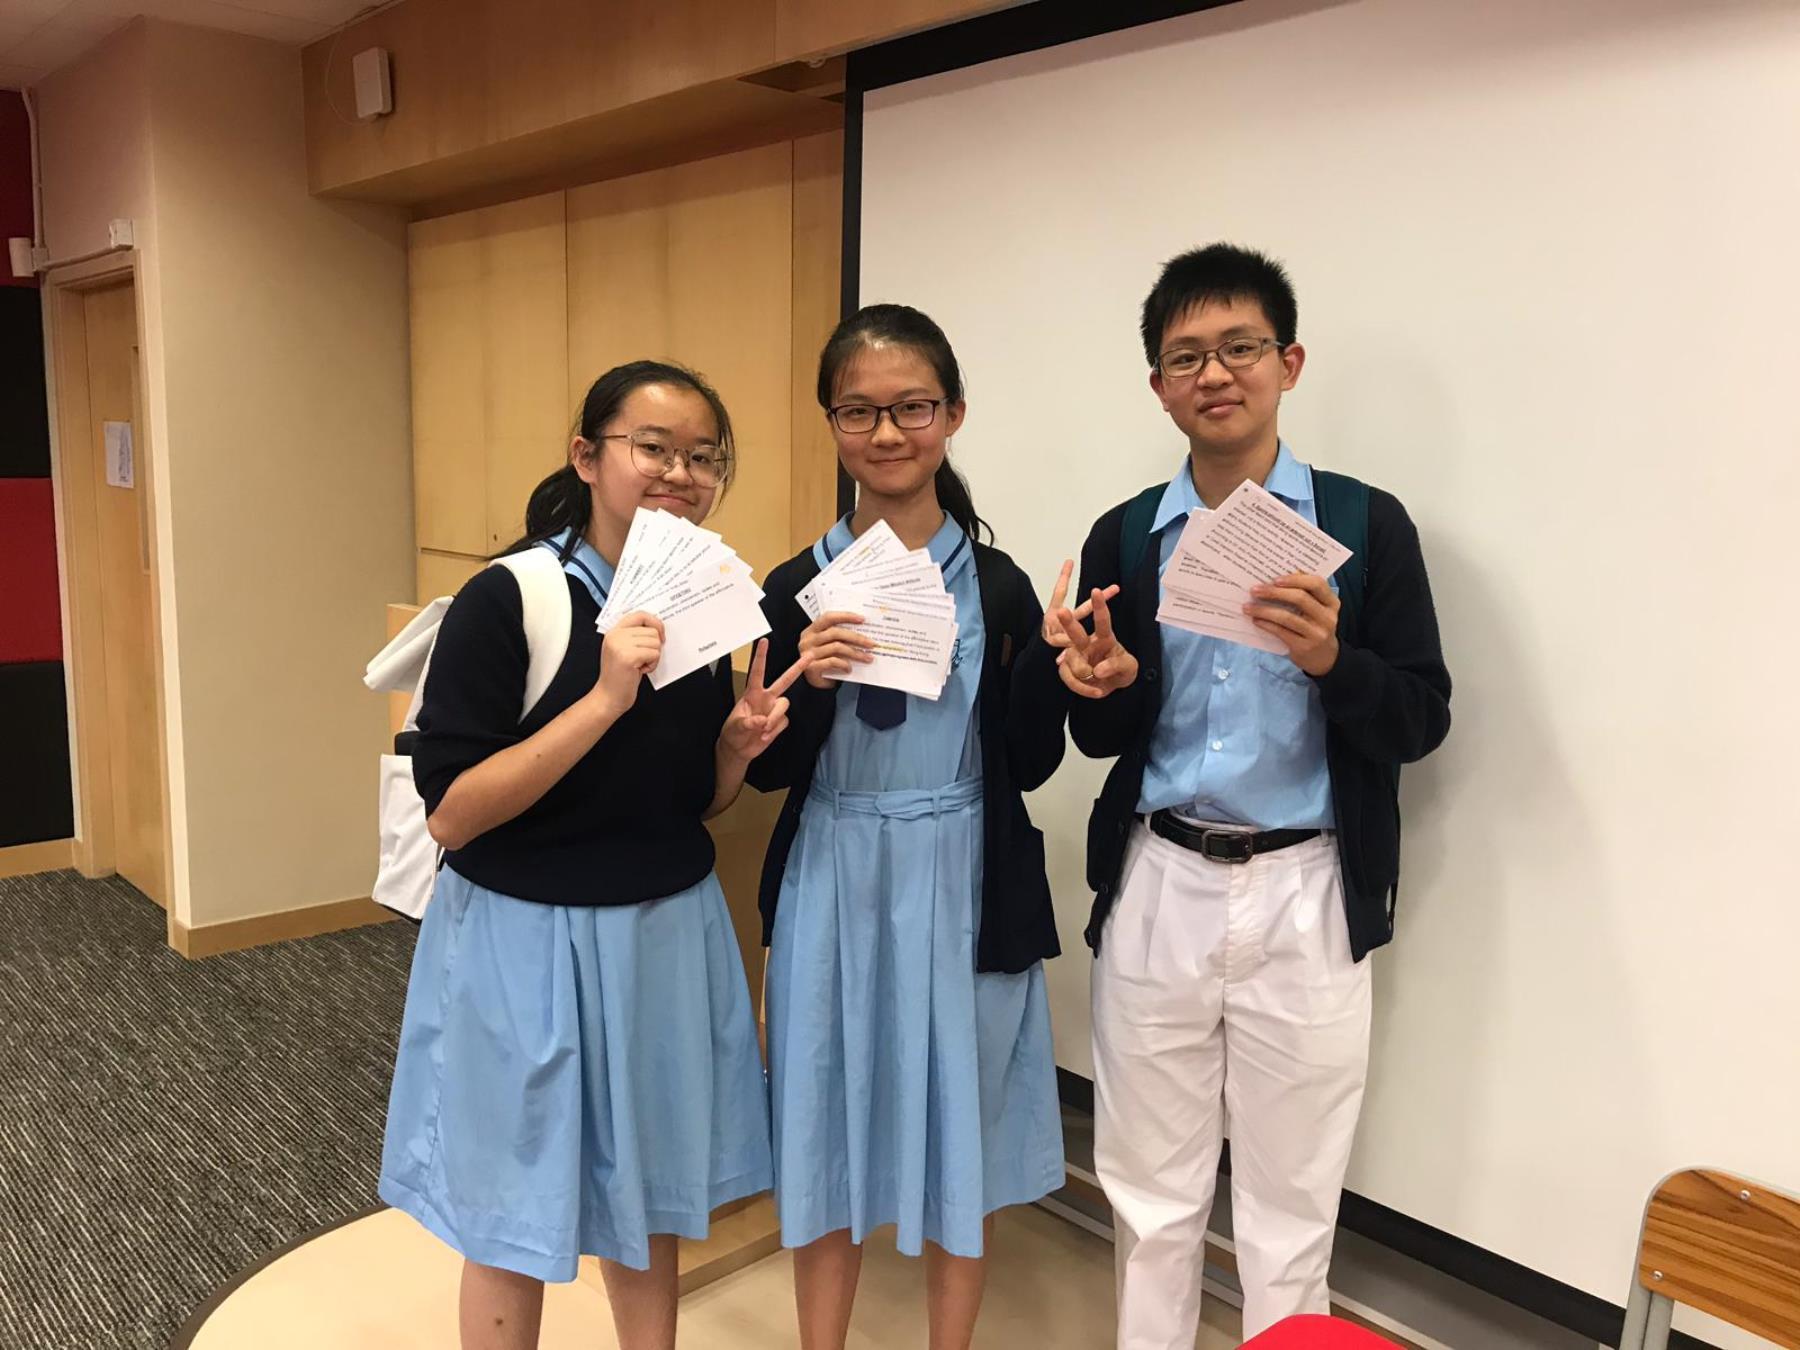 http://npc.edu.hk/sites/default/files/71cb5a76-ddd2-4d67-9985-7f8b019b61b9.jpg